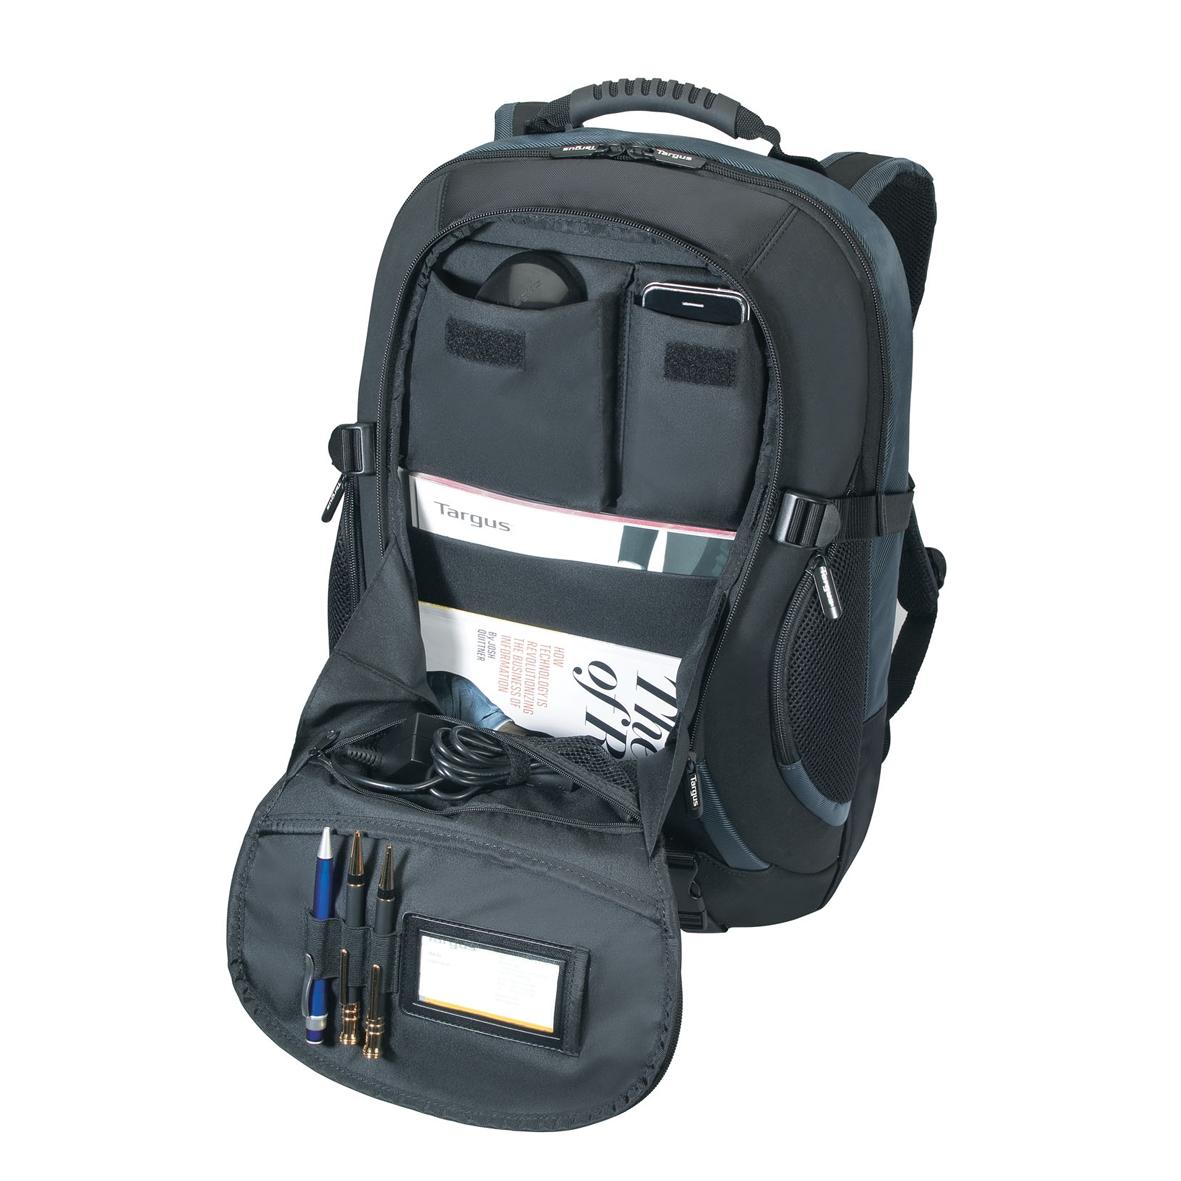 Pour quel sac/cartable/besace/gibecière avez-vous opté pour trimballer votre bazar ? - Page 40 0010974_atmosphere-17-18-xl-laptop-backpack-blackblue